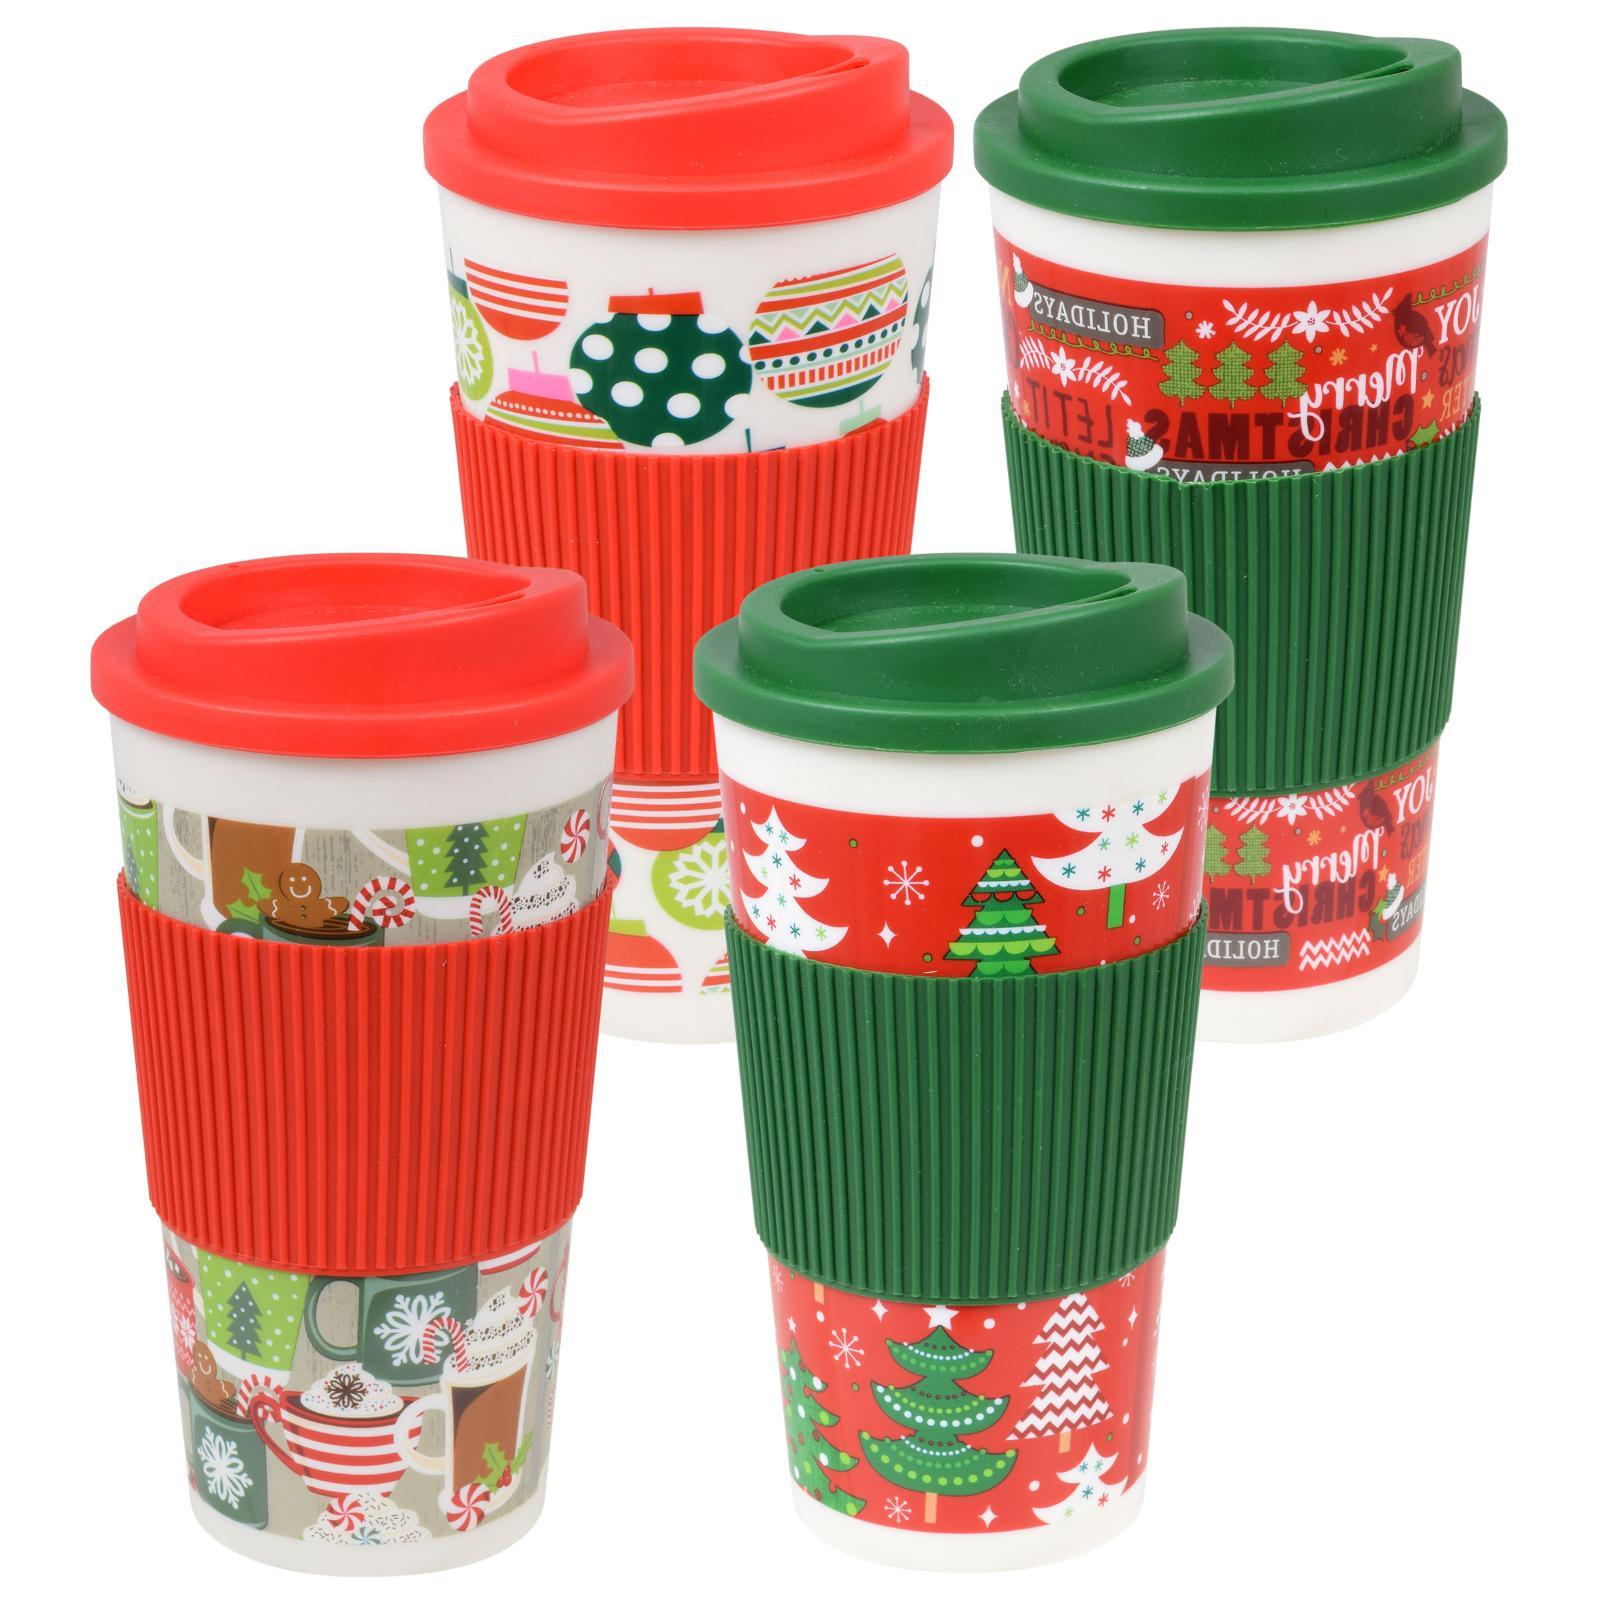 Holiday Travel Mugs, 16 oz. assorted among the 4 Christmas d